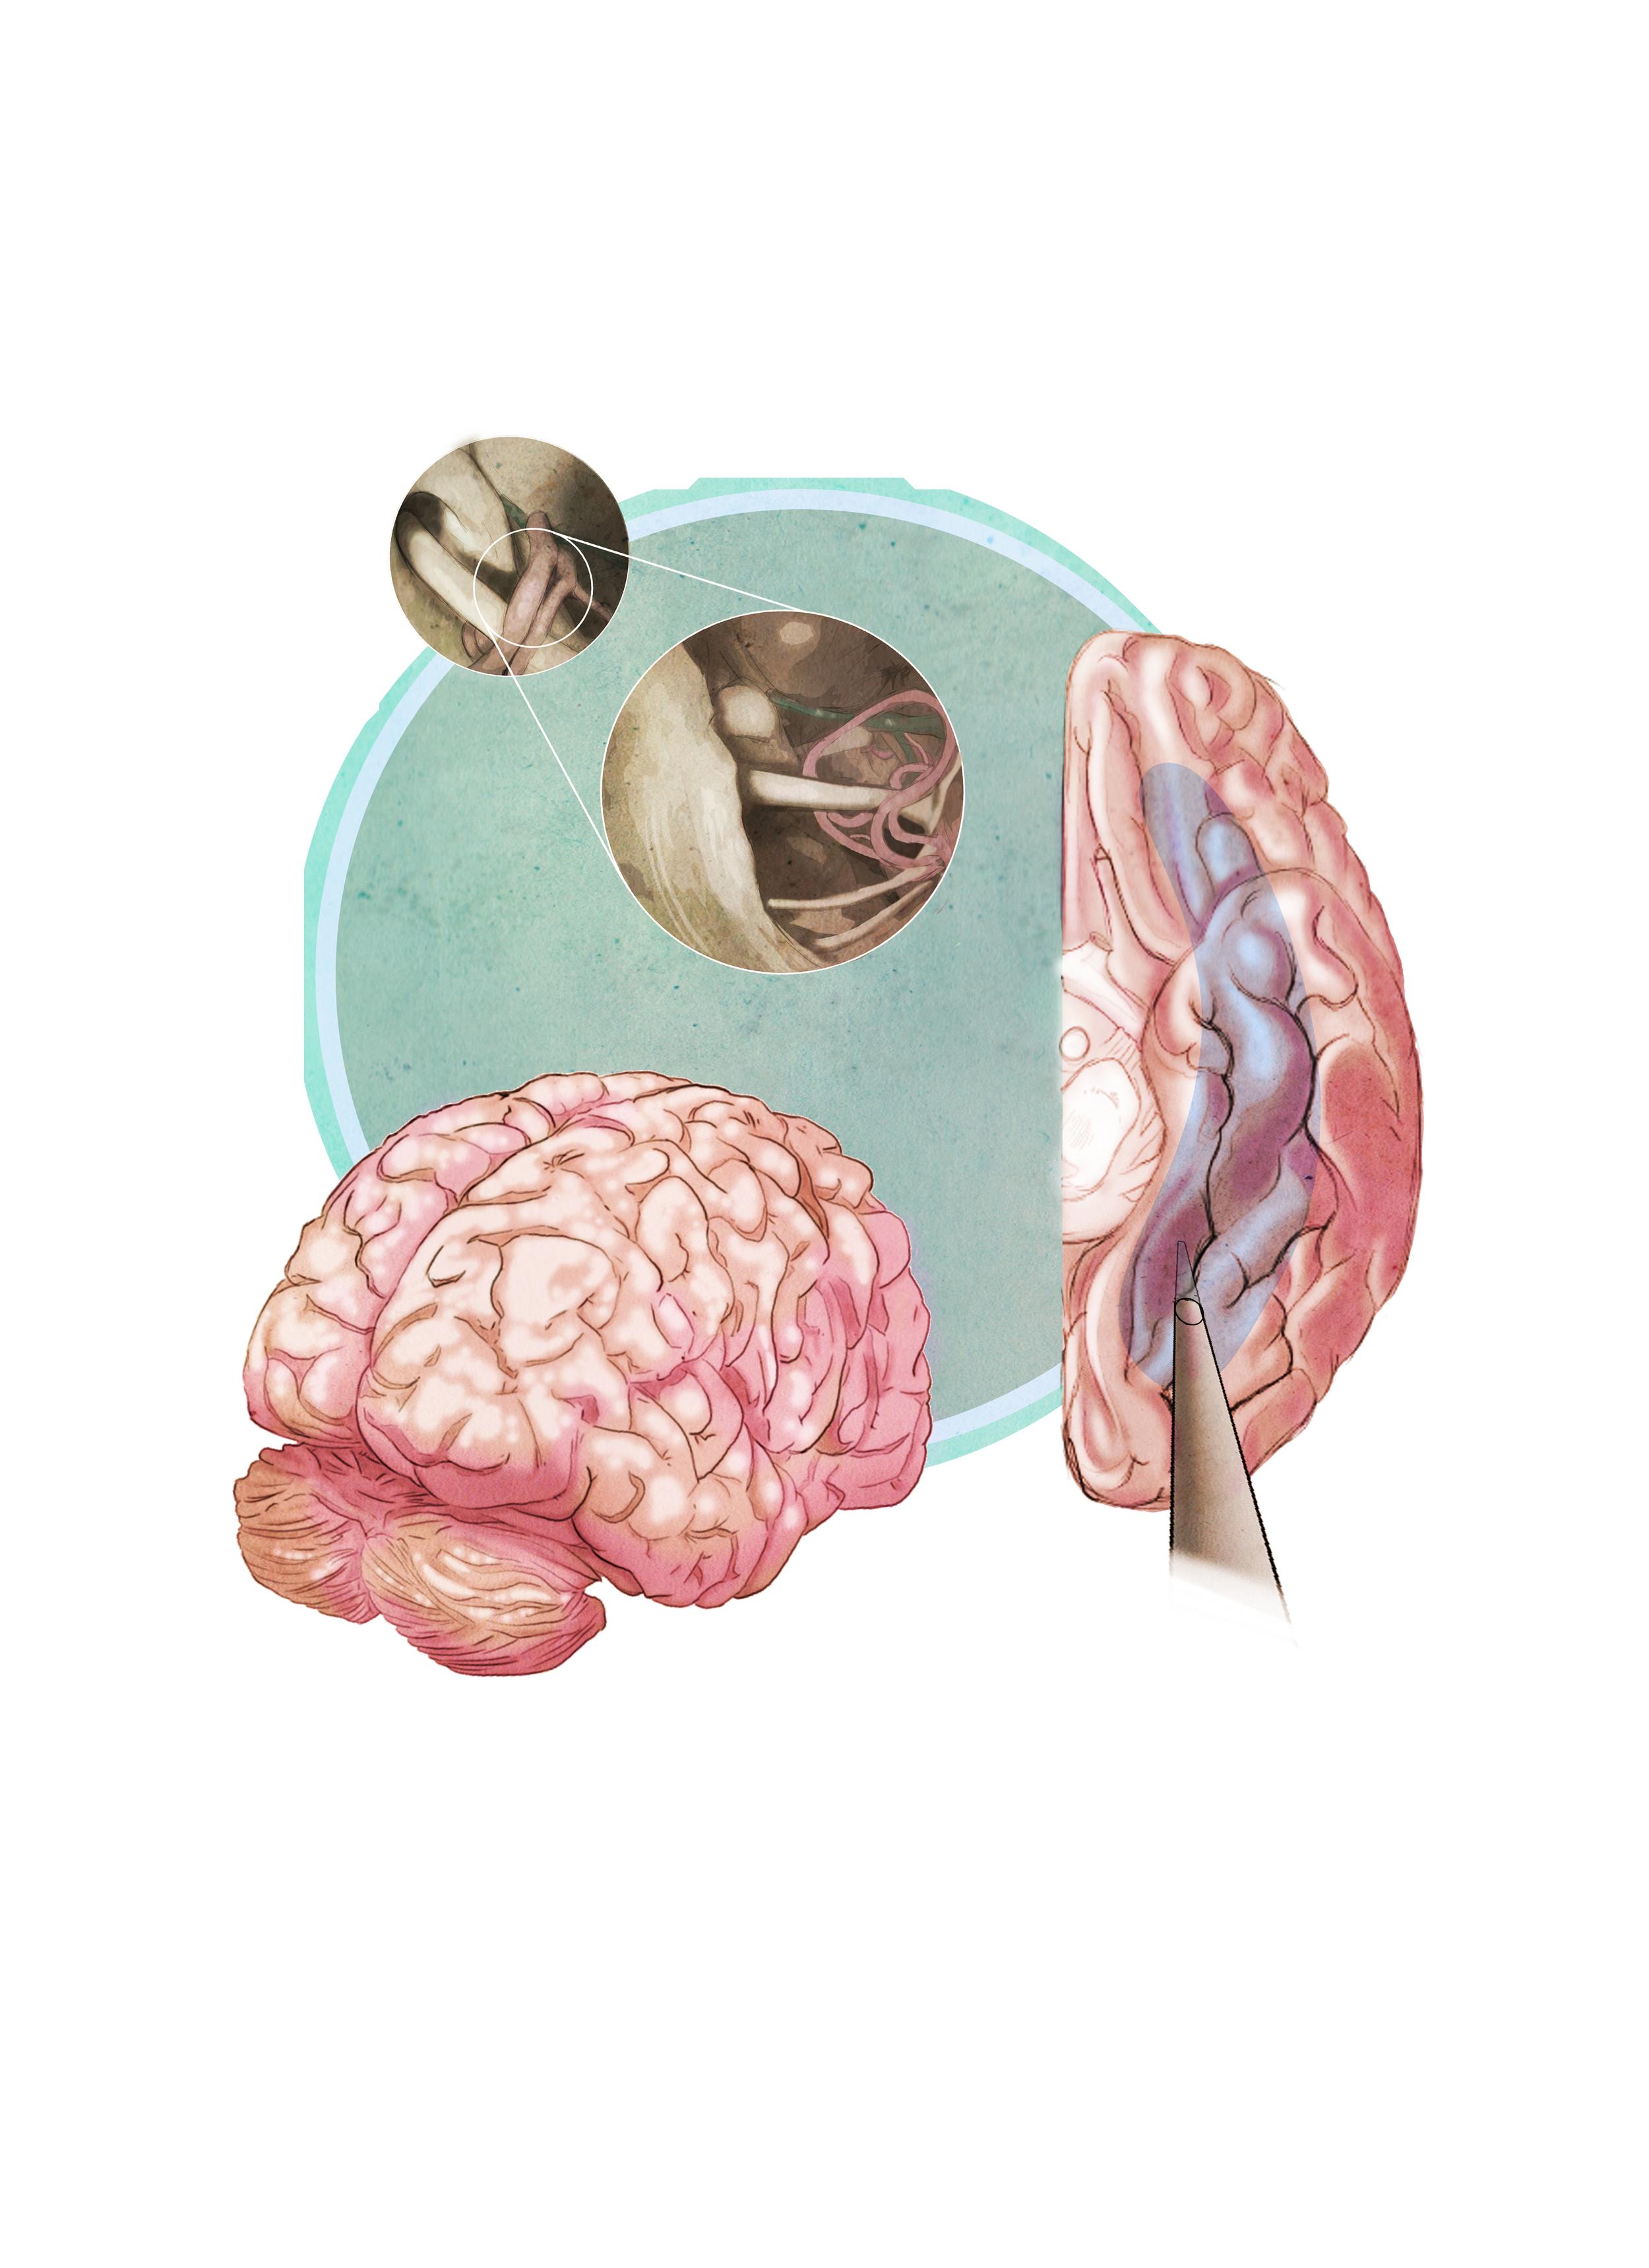 Neurosurgery Study